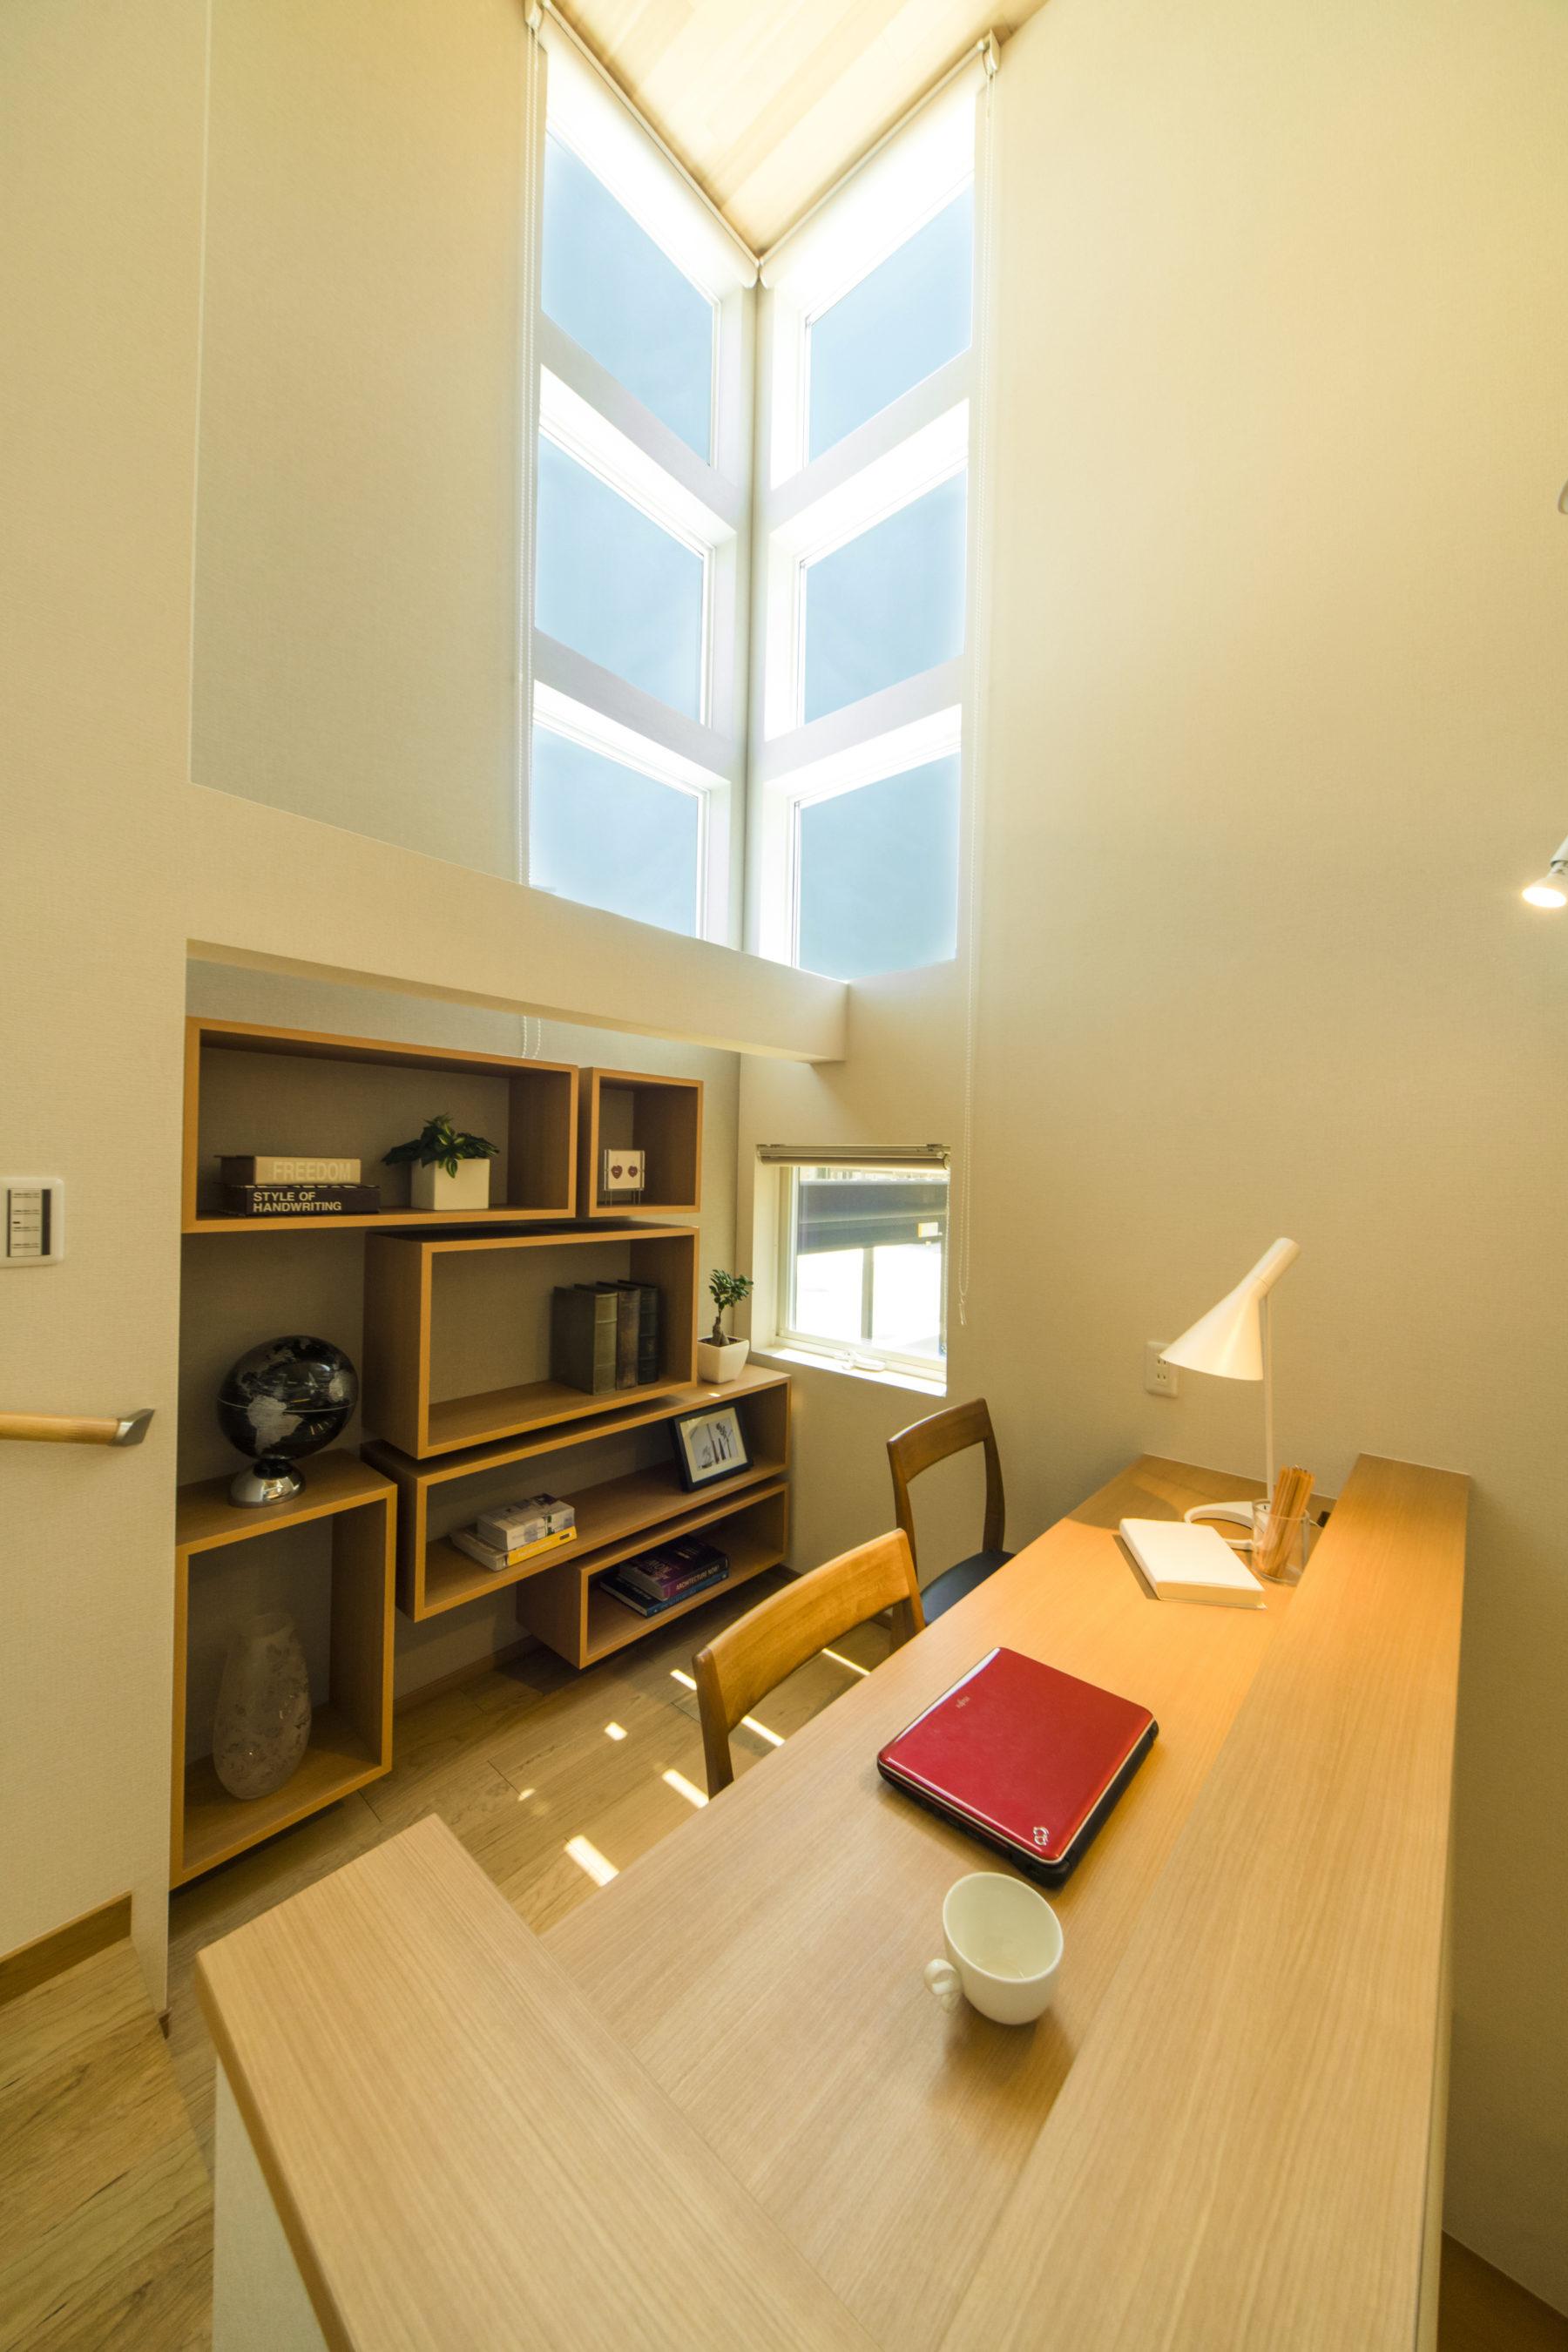 リビングを眺めながら、調べ物や読書ができます。スタイリッシュな造作棚も。